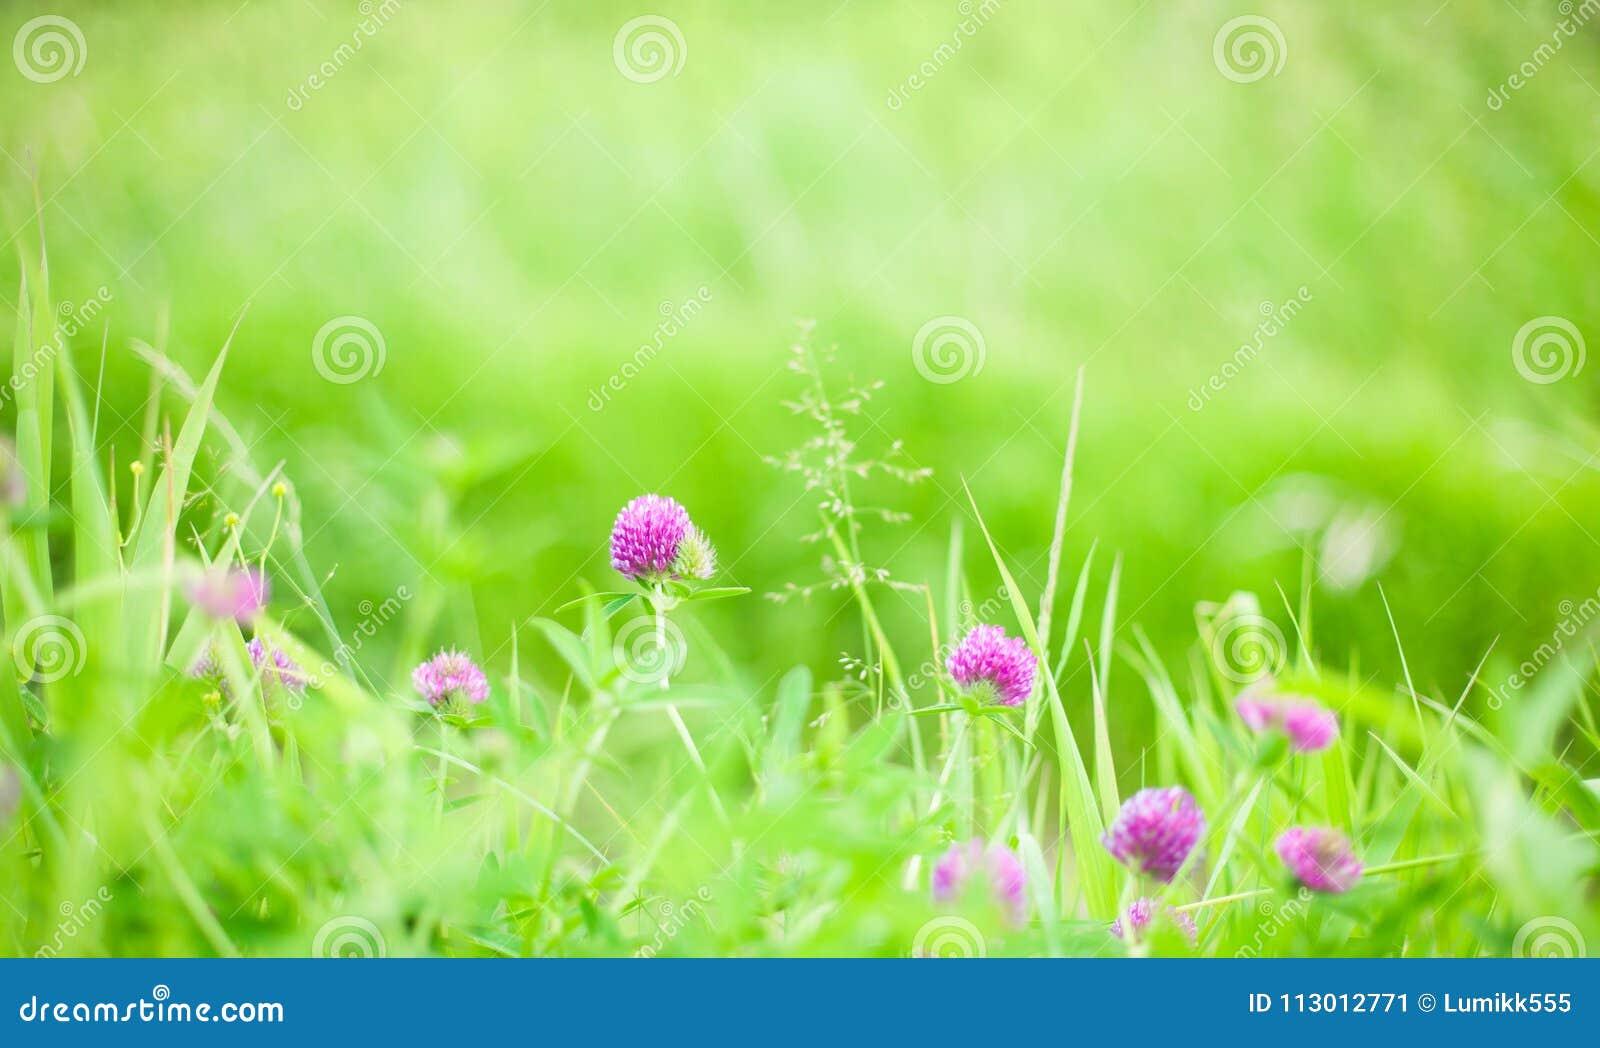 Natur-Sommer-Hintergrund mit Klee Blumen